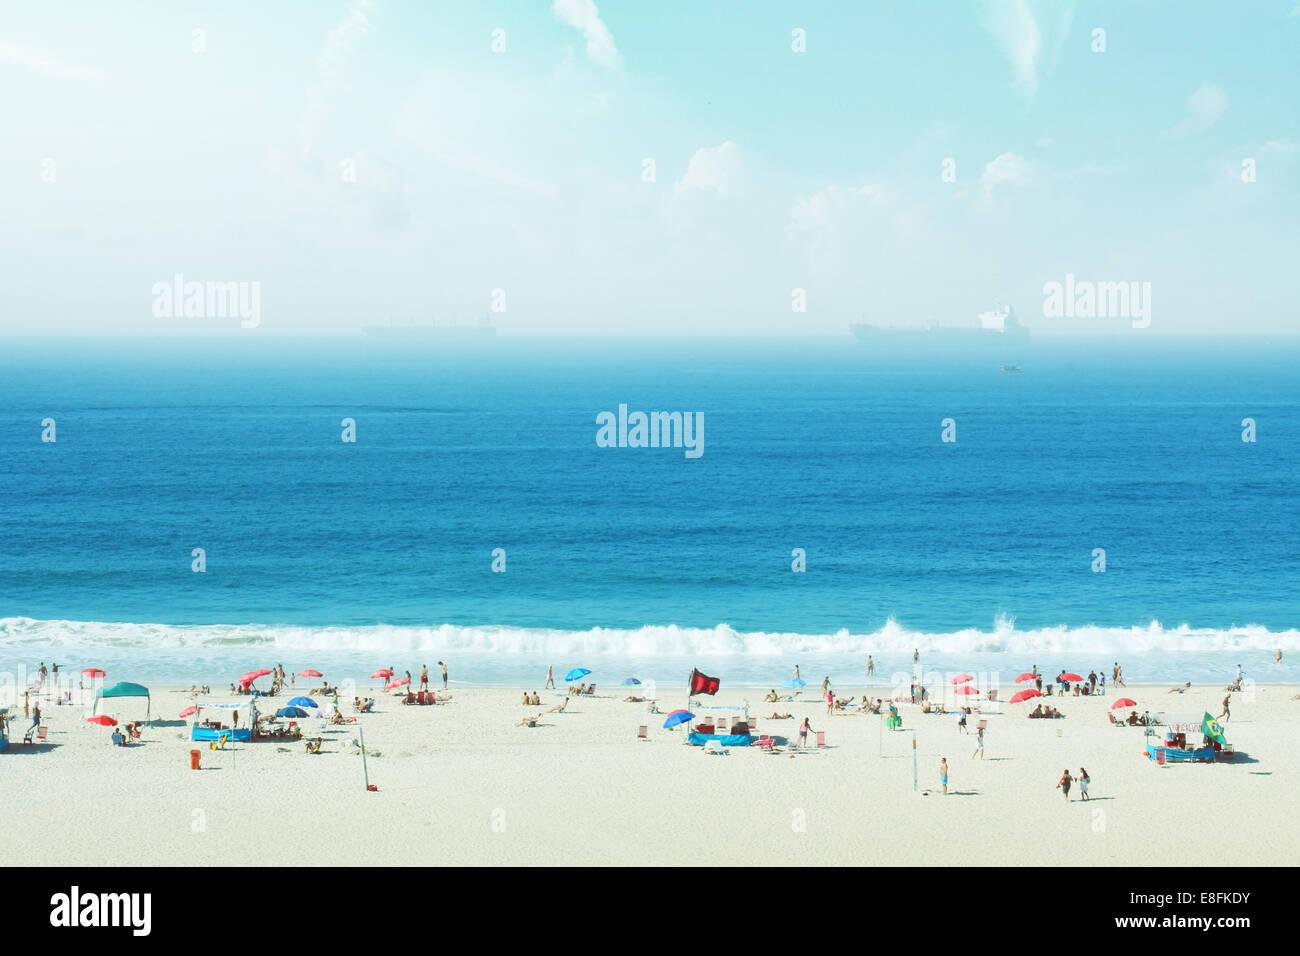 Brésil, Rio de Janeiro, Copacabana, les gens on beach Banque D'Images